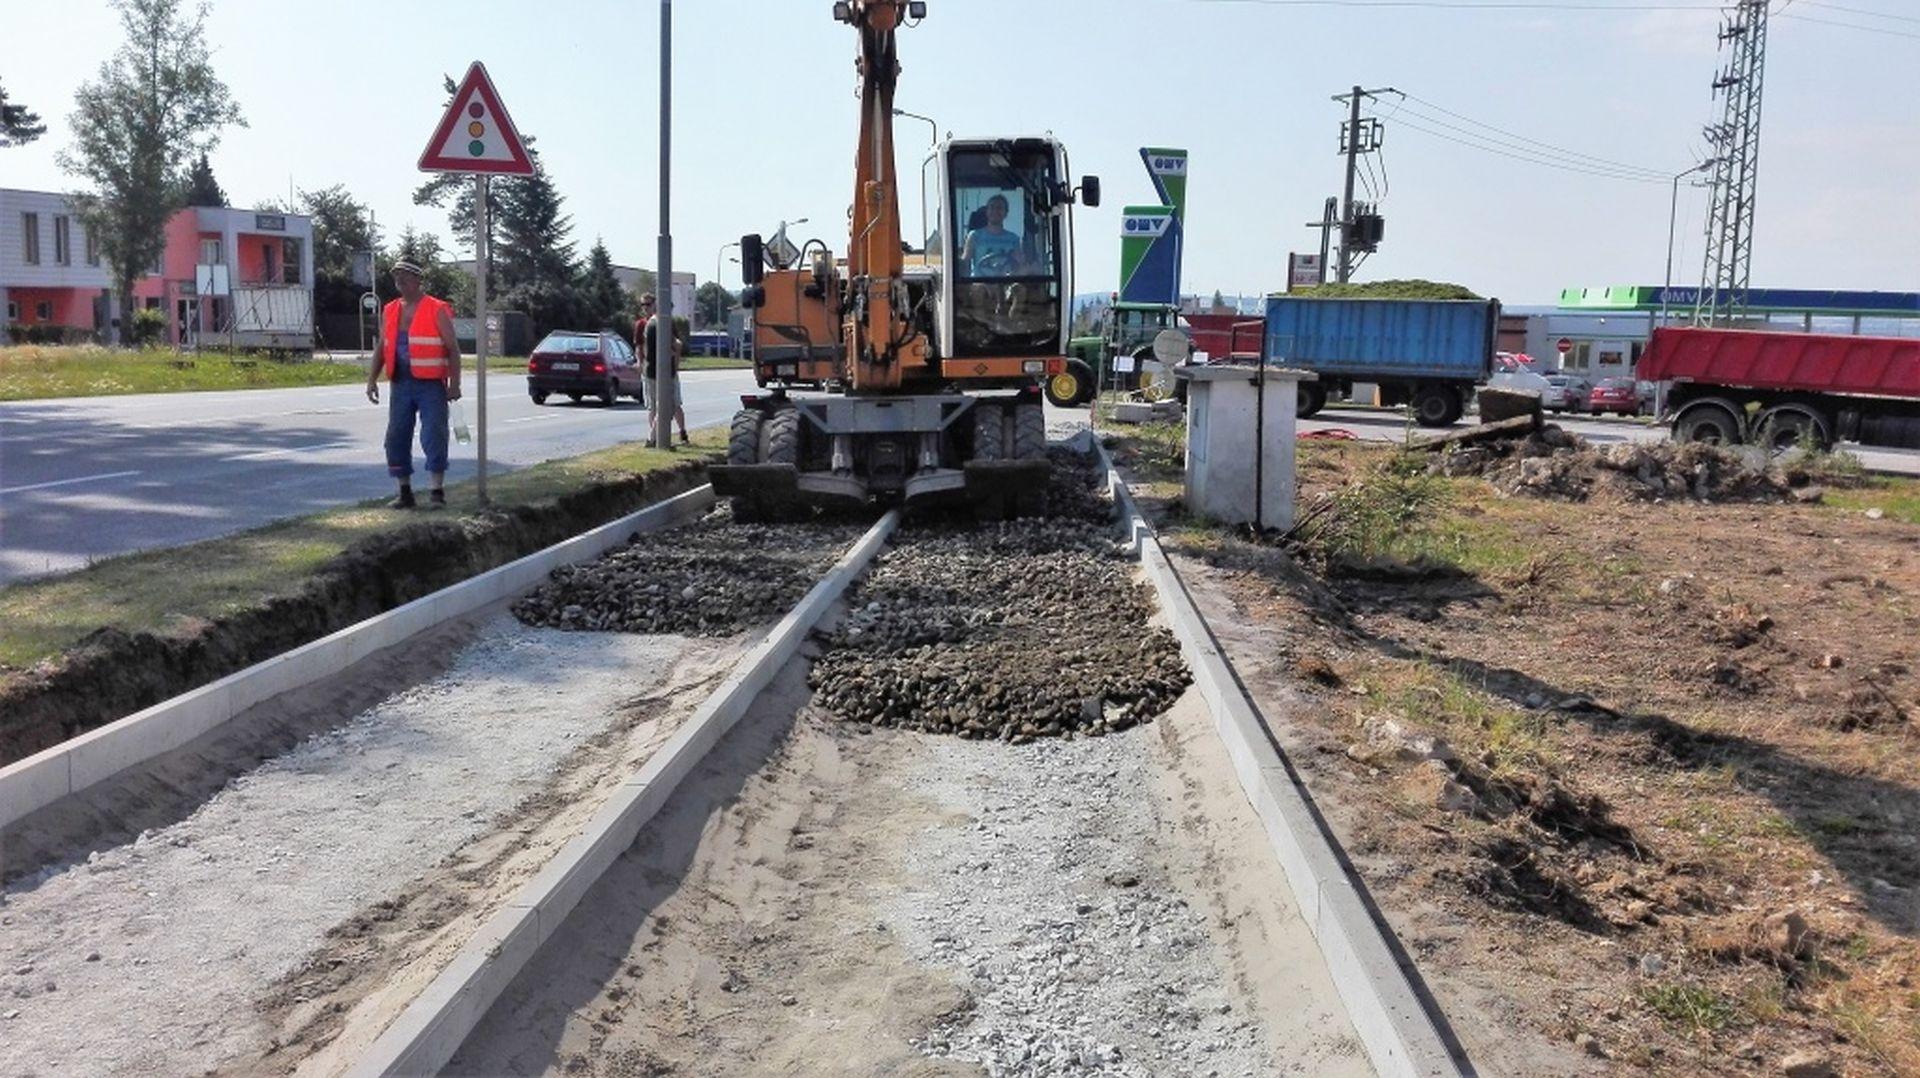 Budování cyklostezky podél silnice I/38 v Havlíčkově Brodě. Foto: Chládek a Tintěra Havlíčkův Brod